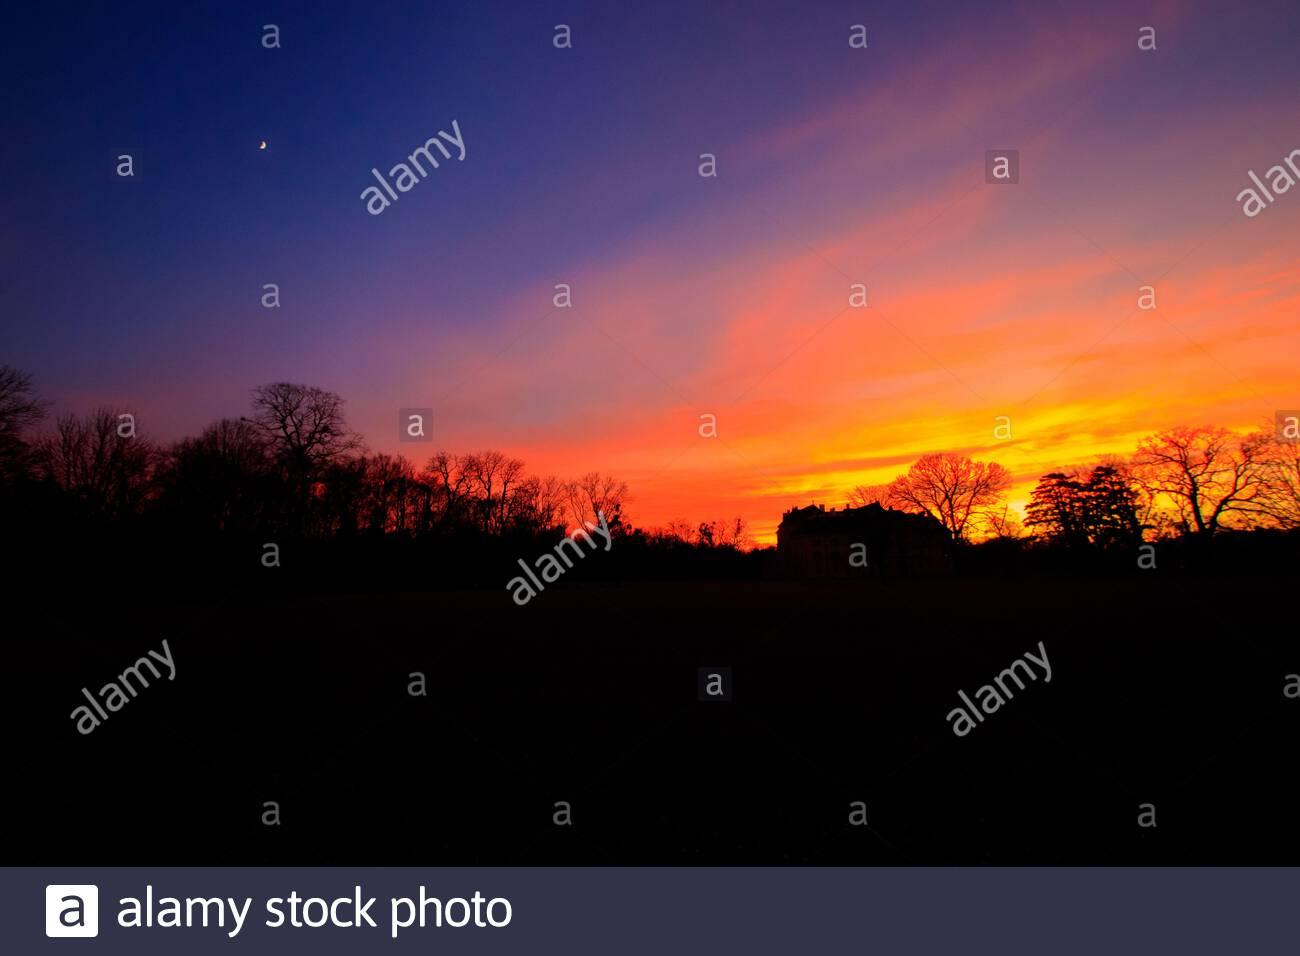 Farbenprächtiger Sonnenuntergang im Schlosspark von Laxenburg Stock Photo